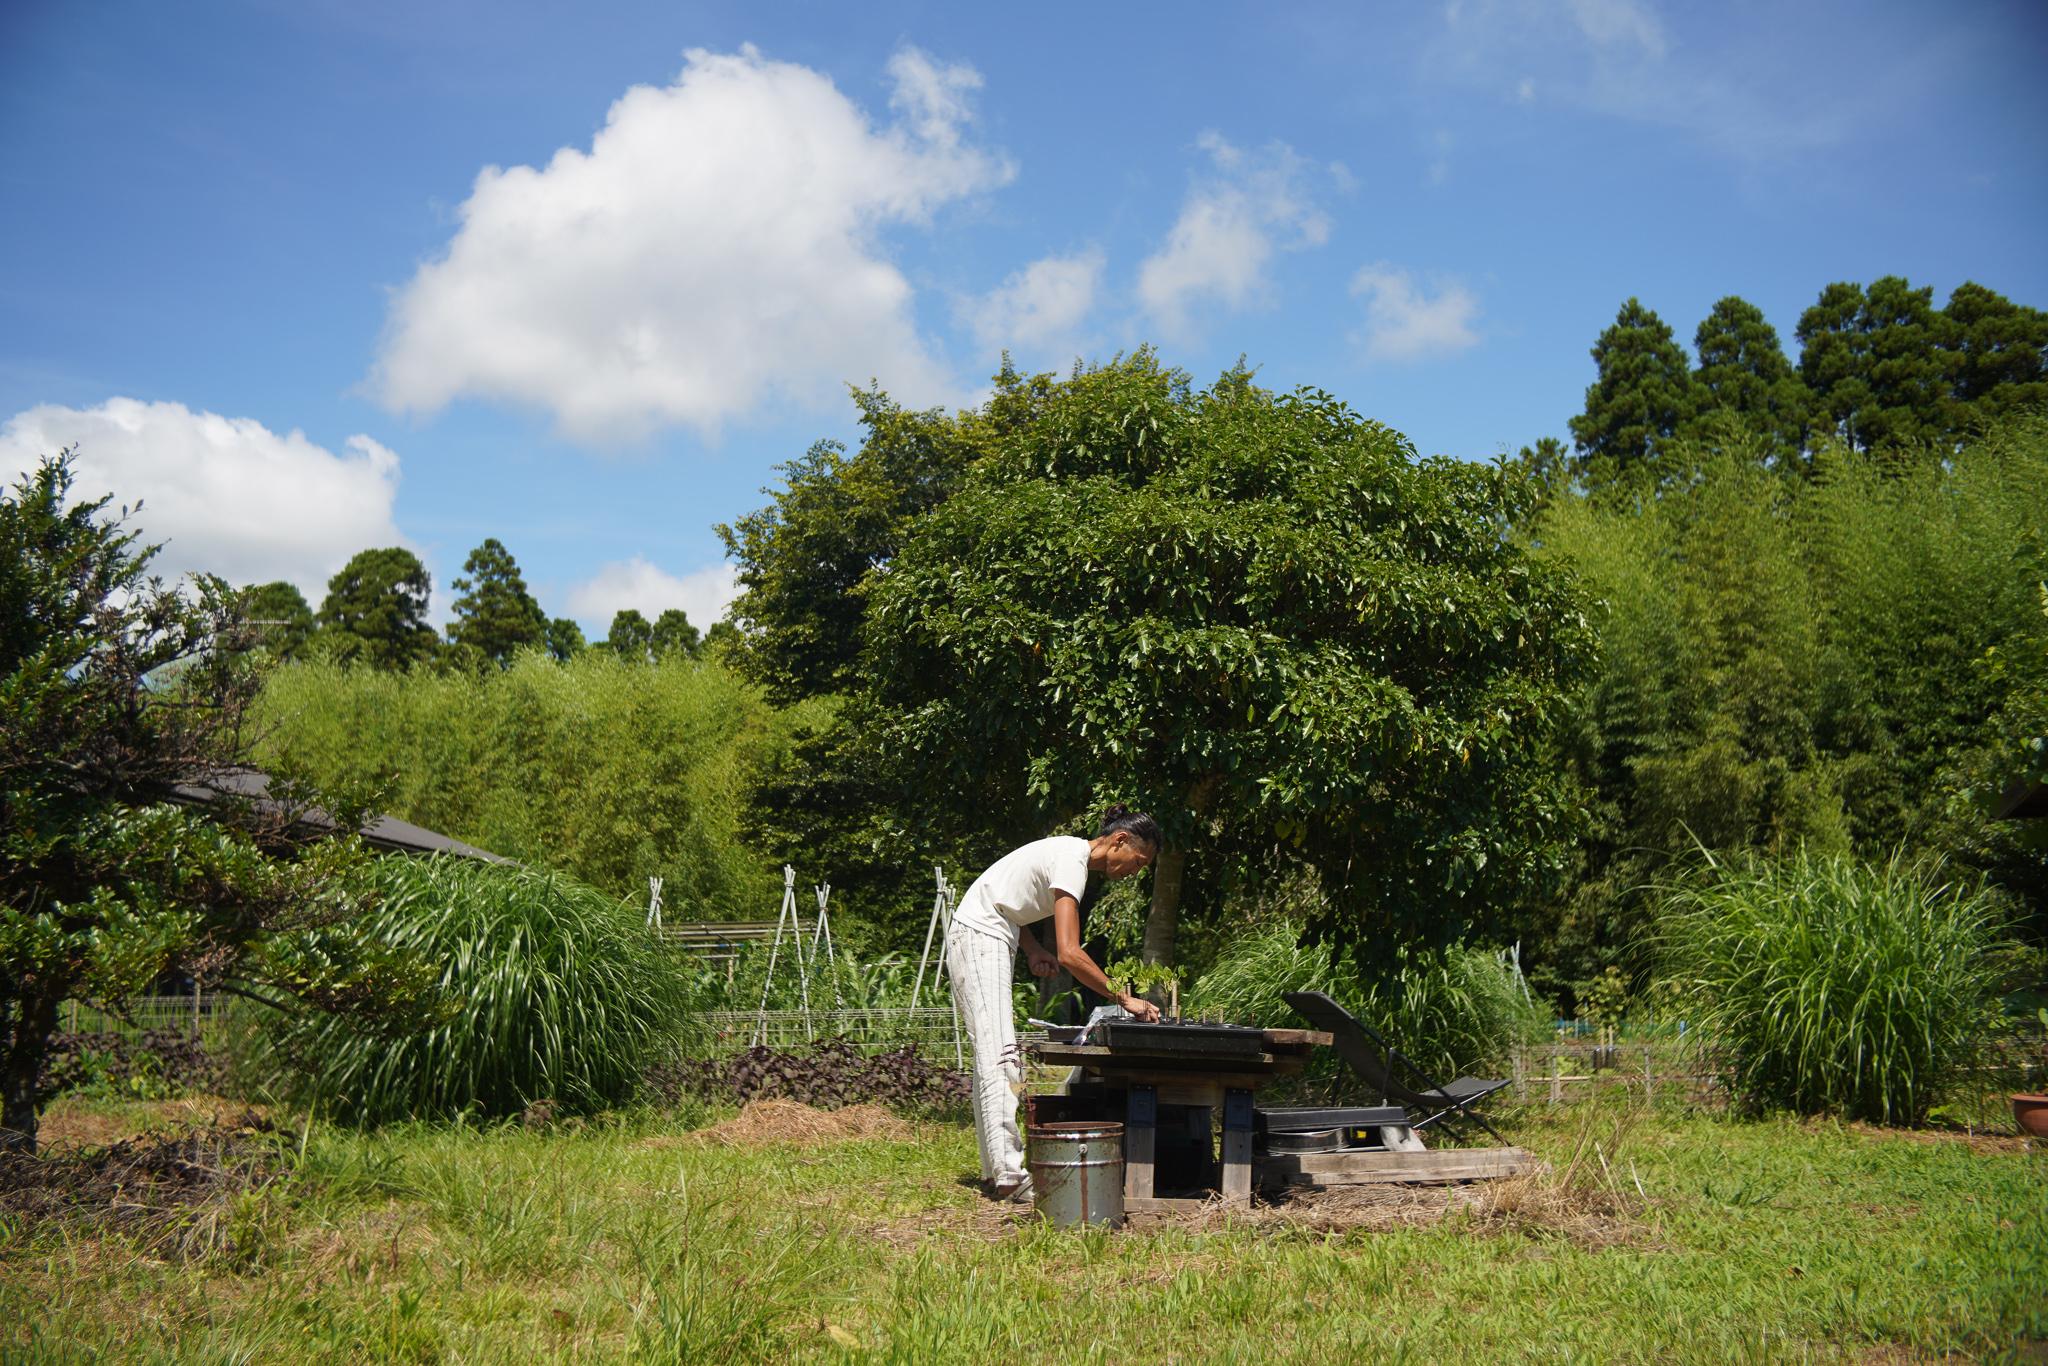 真夏の朝の夢、真夏の夜の夢 畑の雑草抜きと大根のタネと小豆のタネと